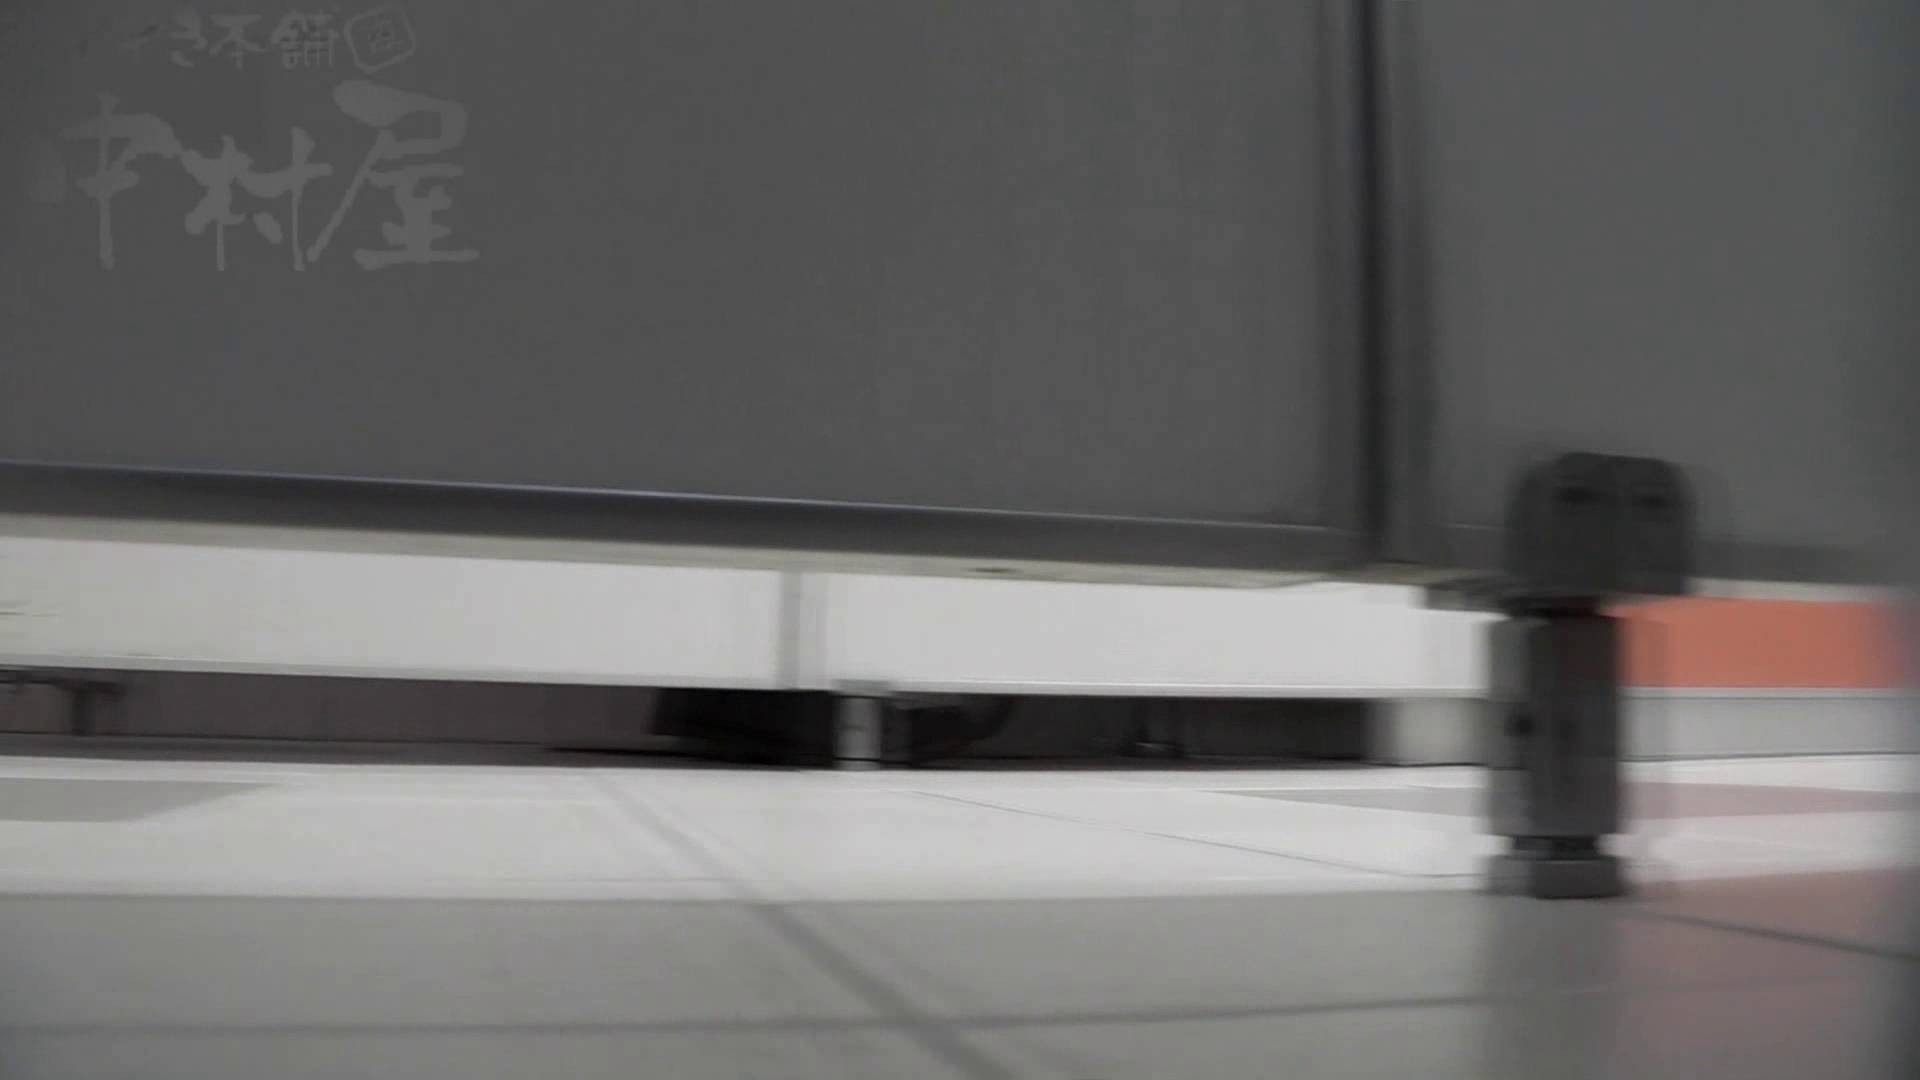 美しい日本の未来 No.06 更に侵入フロント究極な画質 お尻 性交動画流出 104枚 75